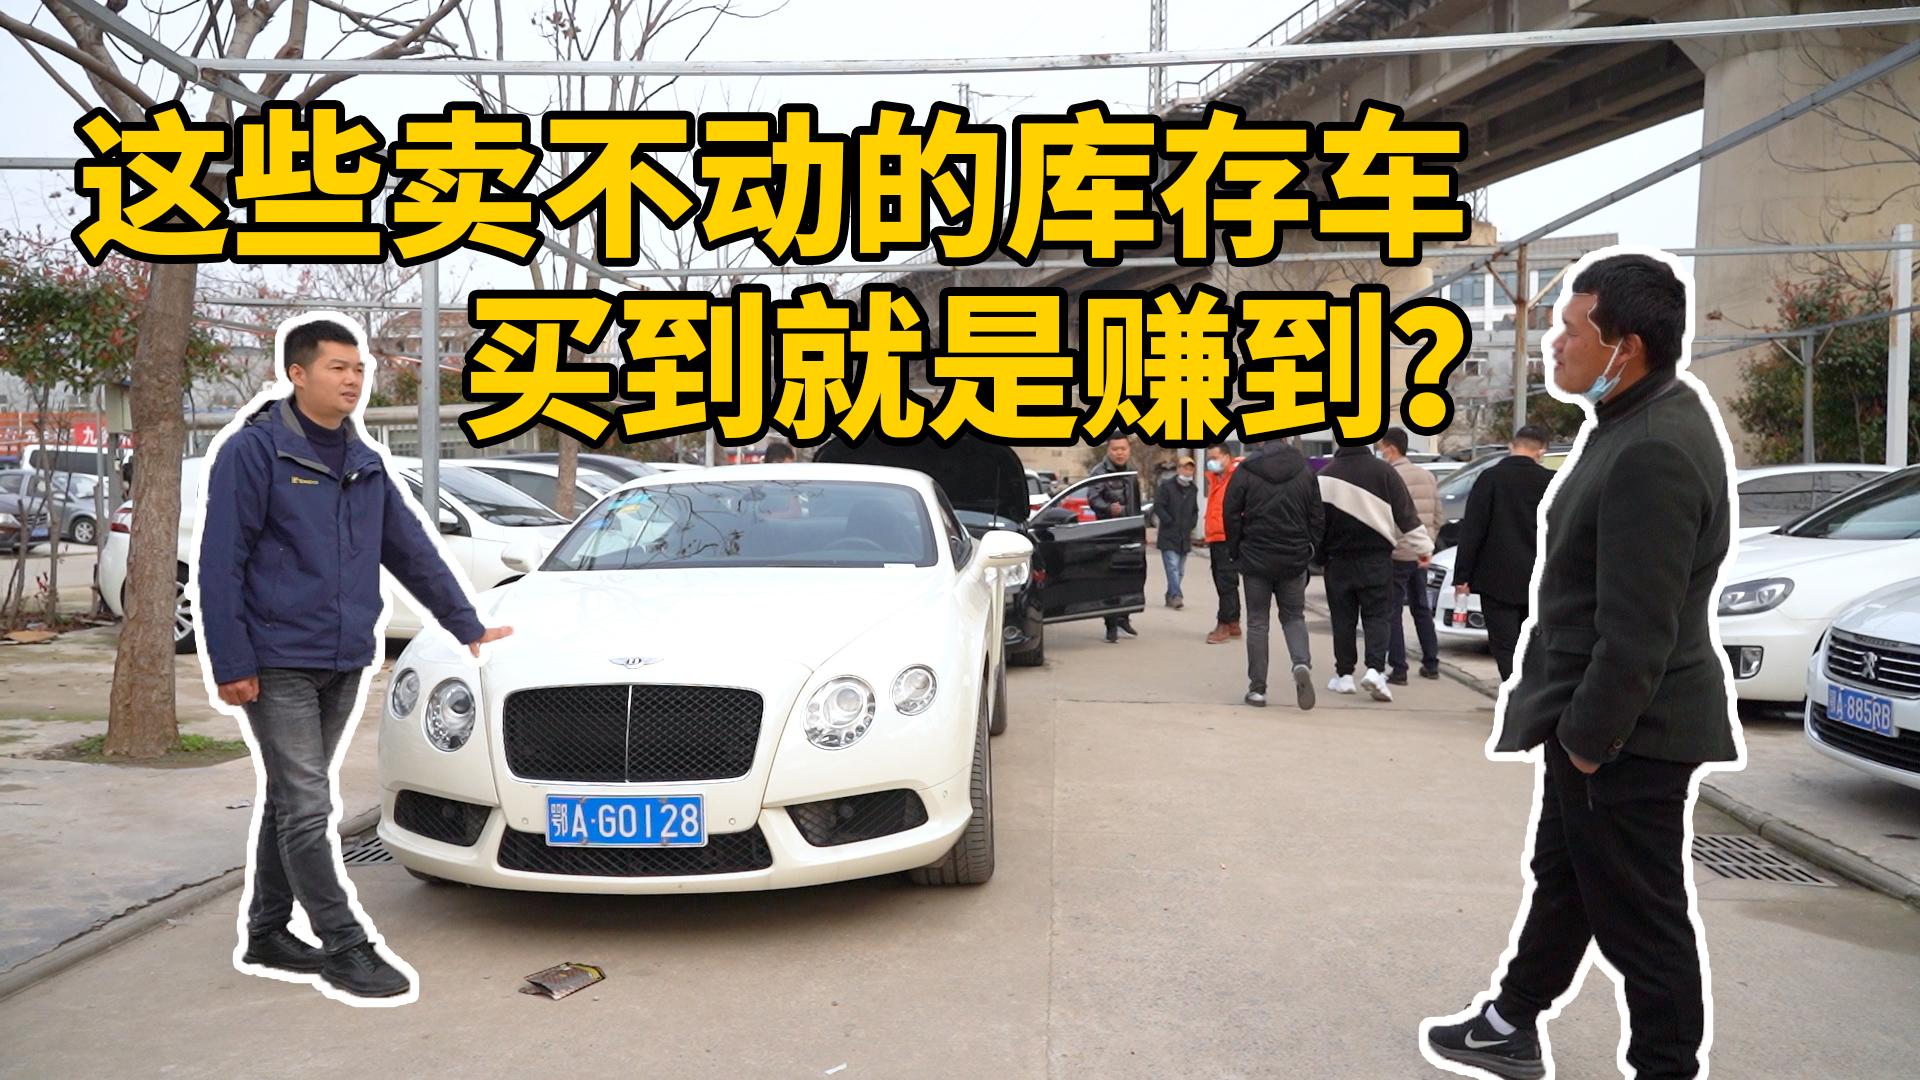 平均库存超9个月,车贩子卖不动的二手车,值不值得买?